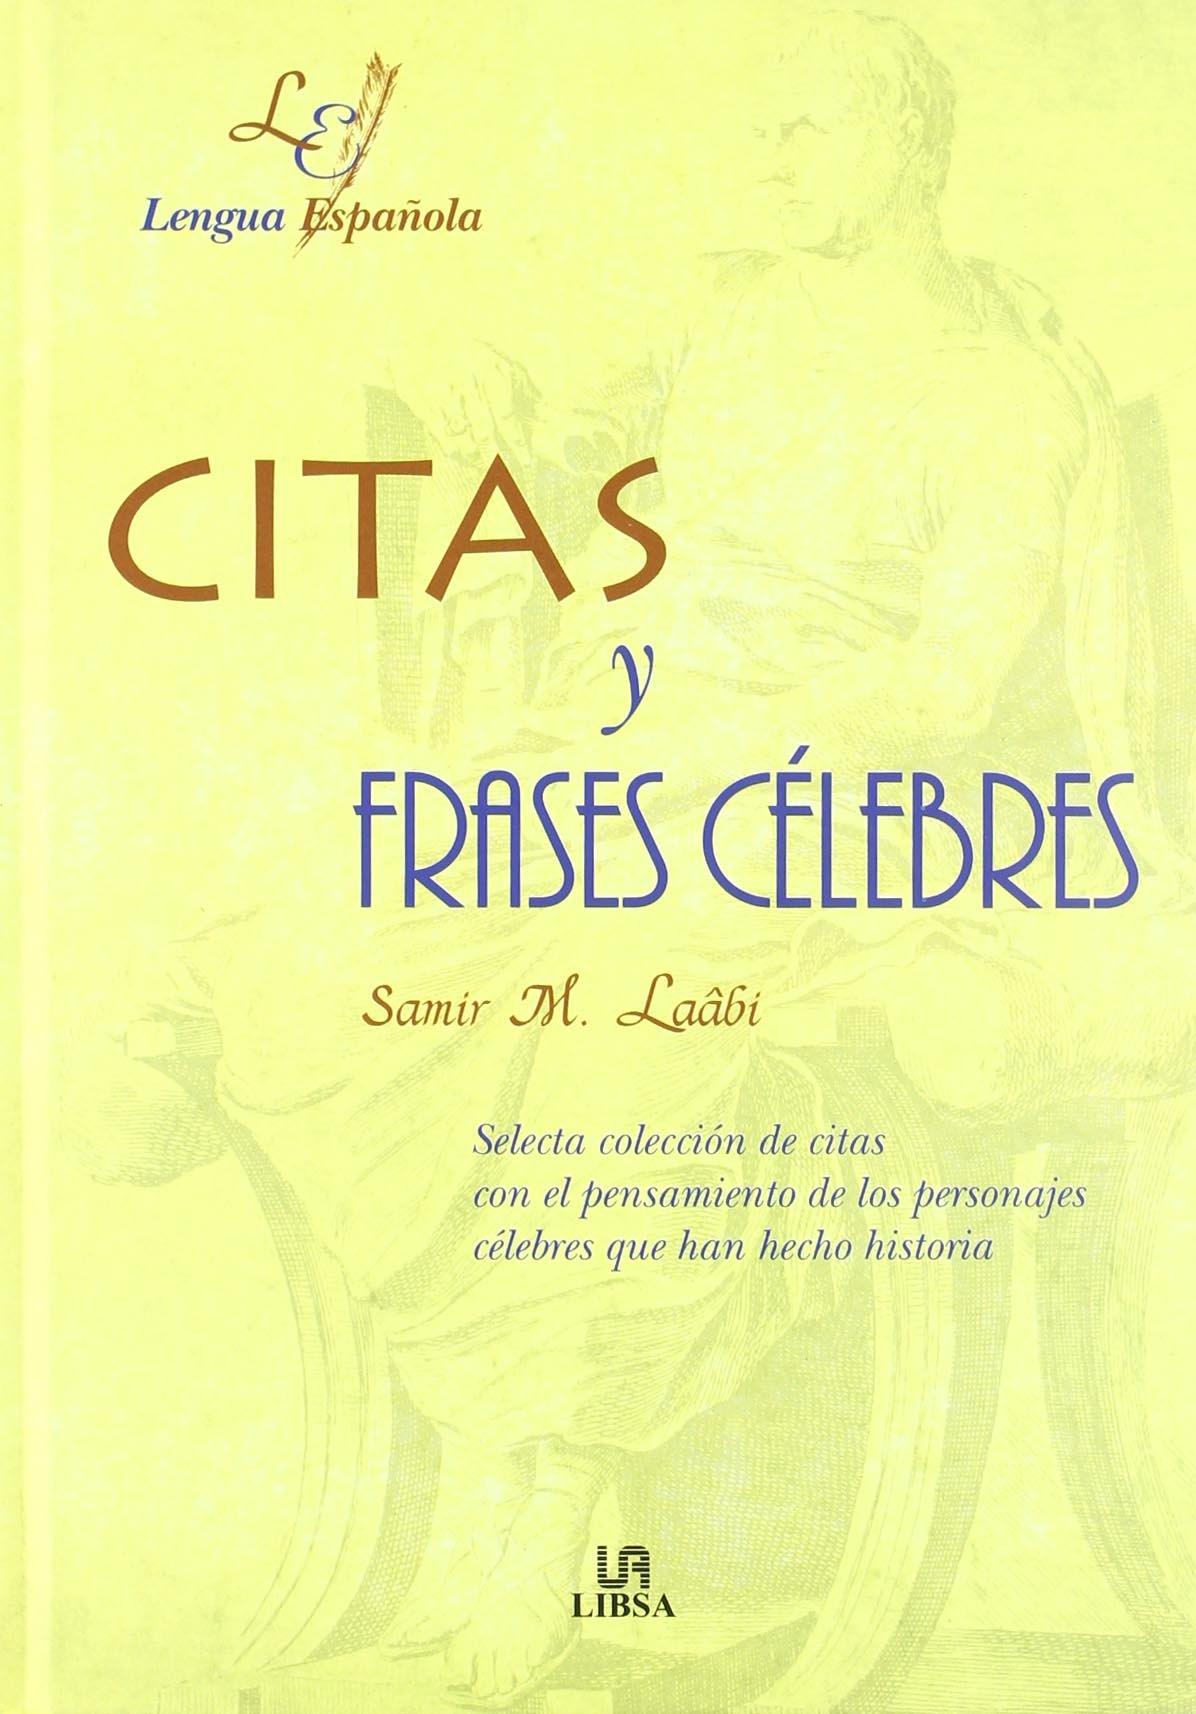 Citas y frases celebres (Letras Españolas): Amazon.es: Samir M. Laabi: Libros